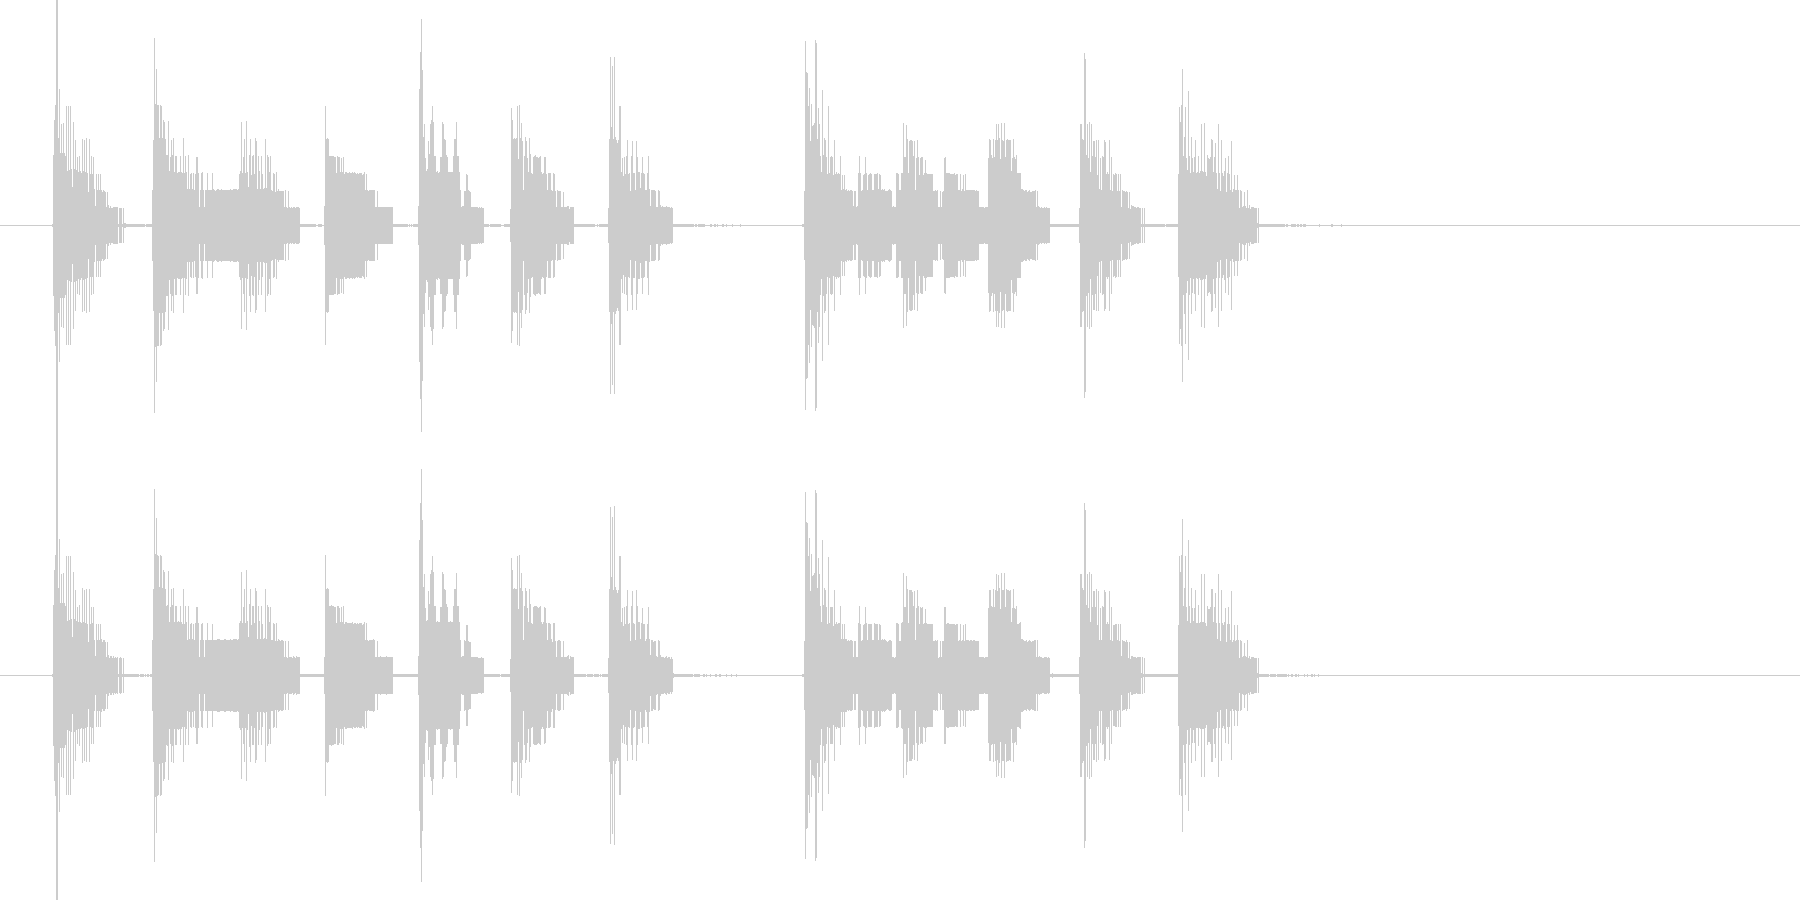 8ビットサウンドのみによる楽曲。振り出…の未再生の波形